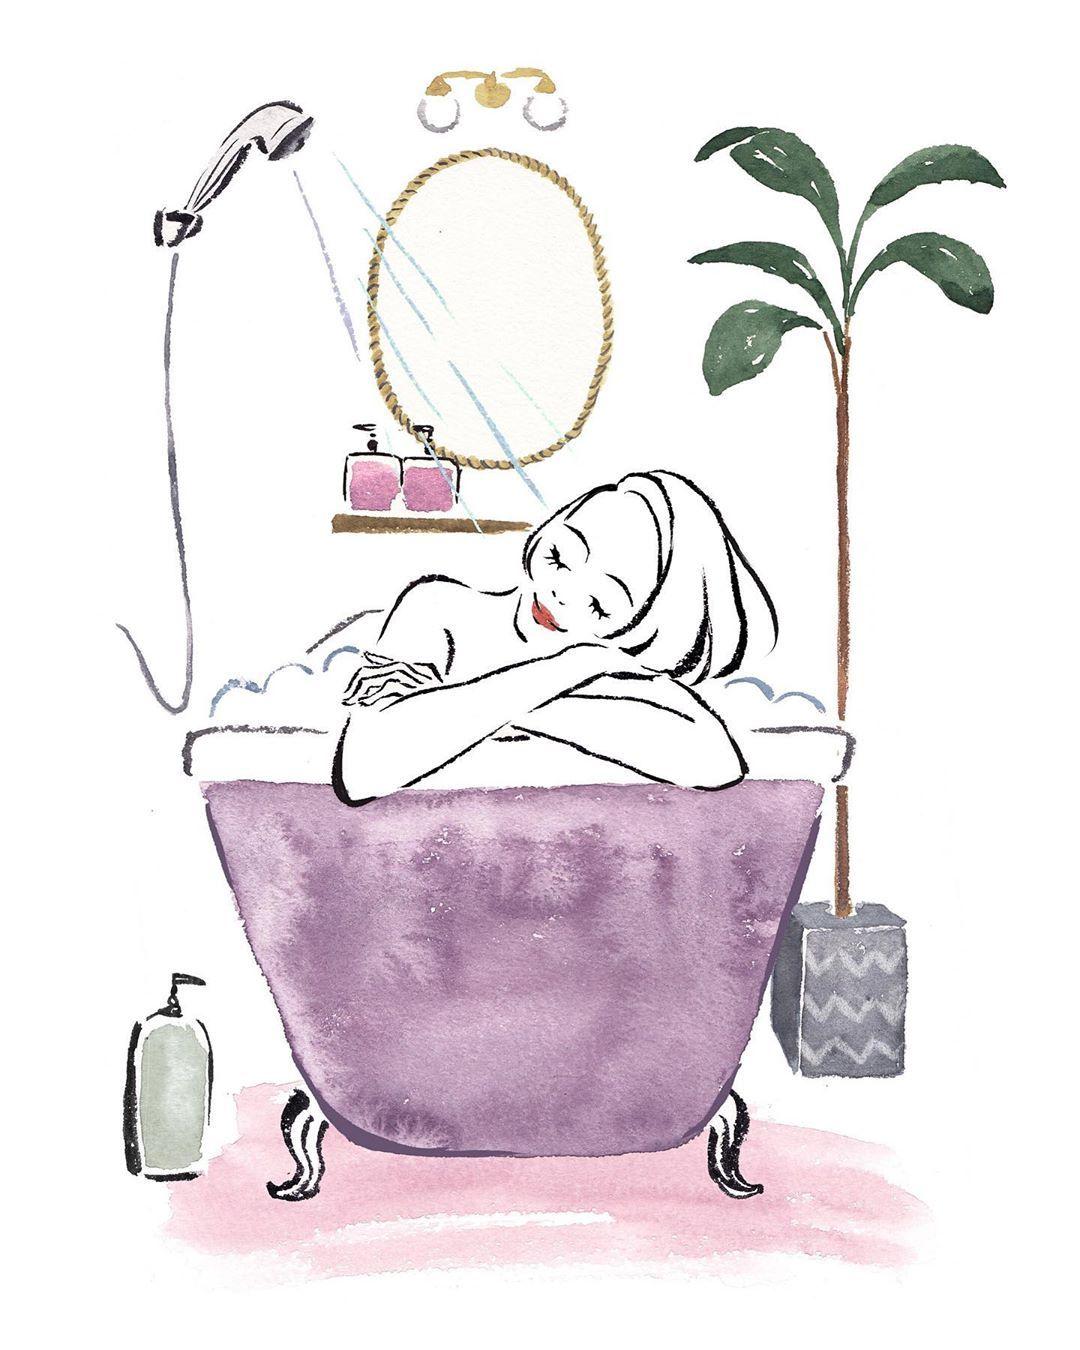 お仕事イラスト Refa Mtg さんの浴びるだけで綺麗になれるシャワーヘッド イラストレーター Illust